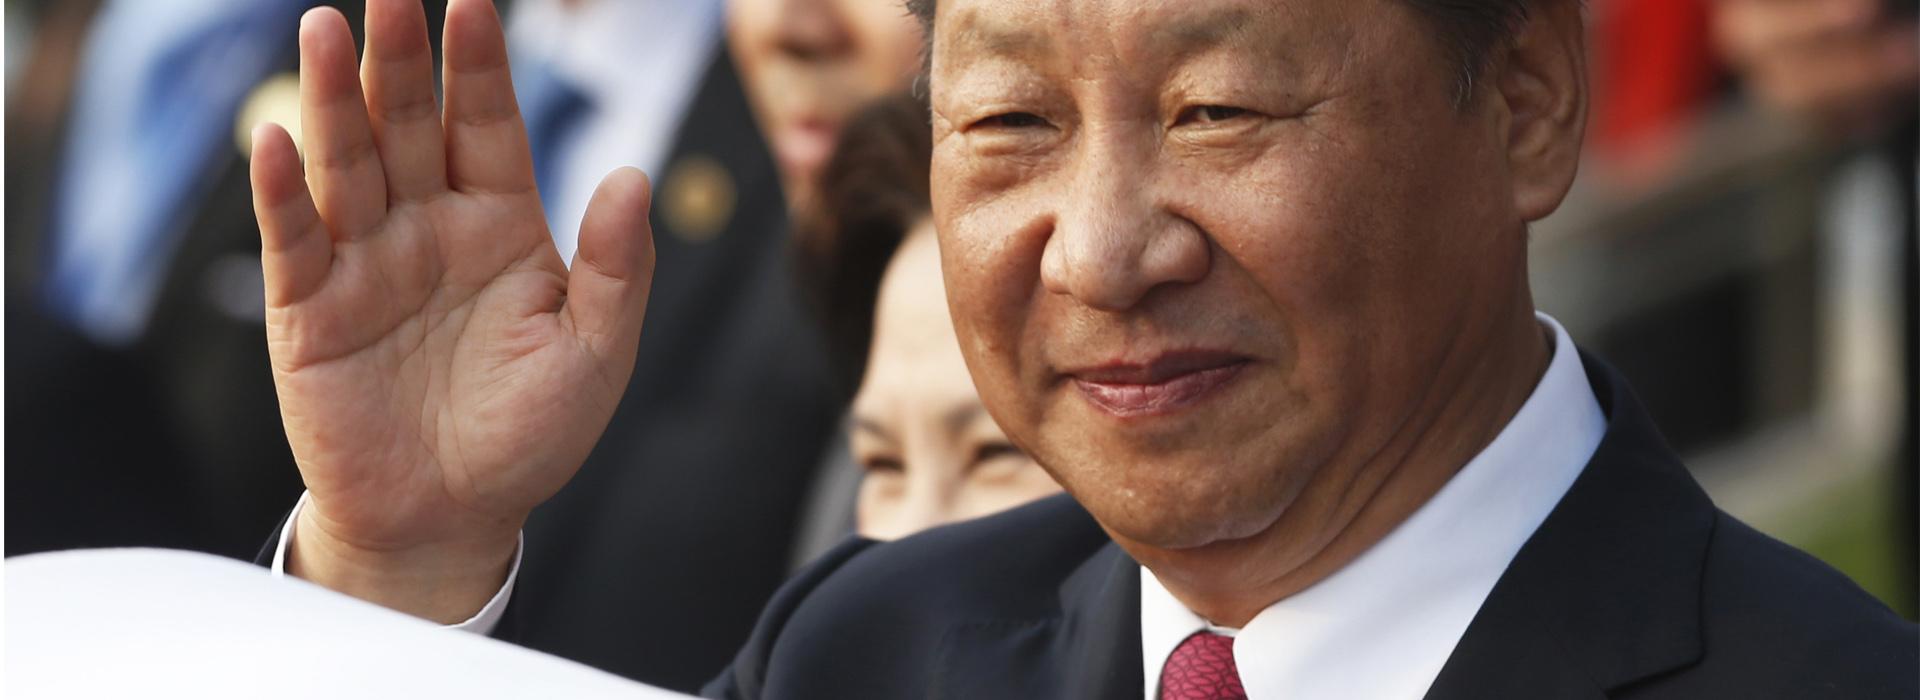 廢除國家主席任期限制  王丹:習近平想當不叫皇帝的皇帝